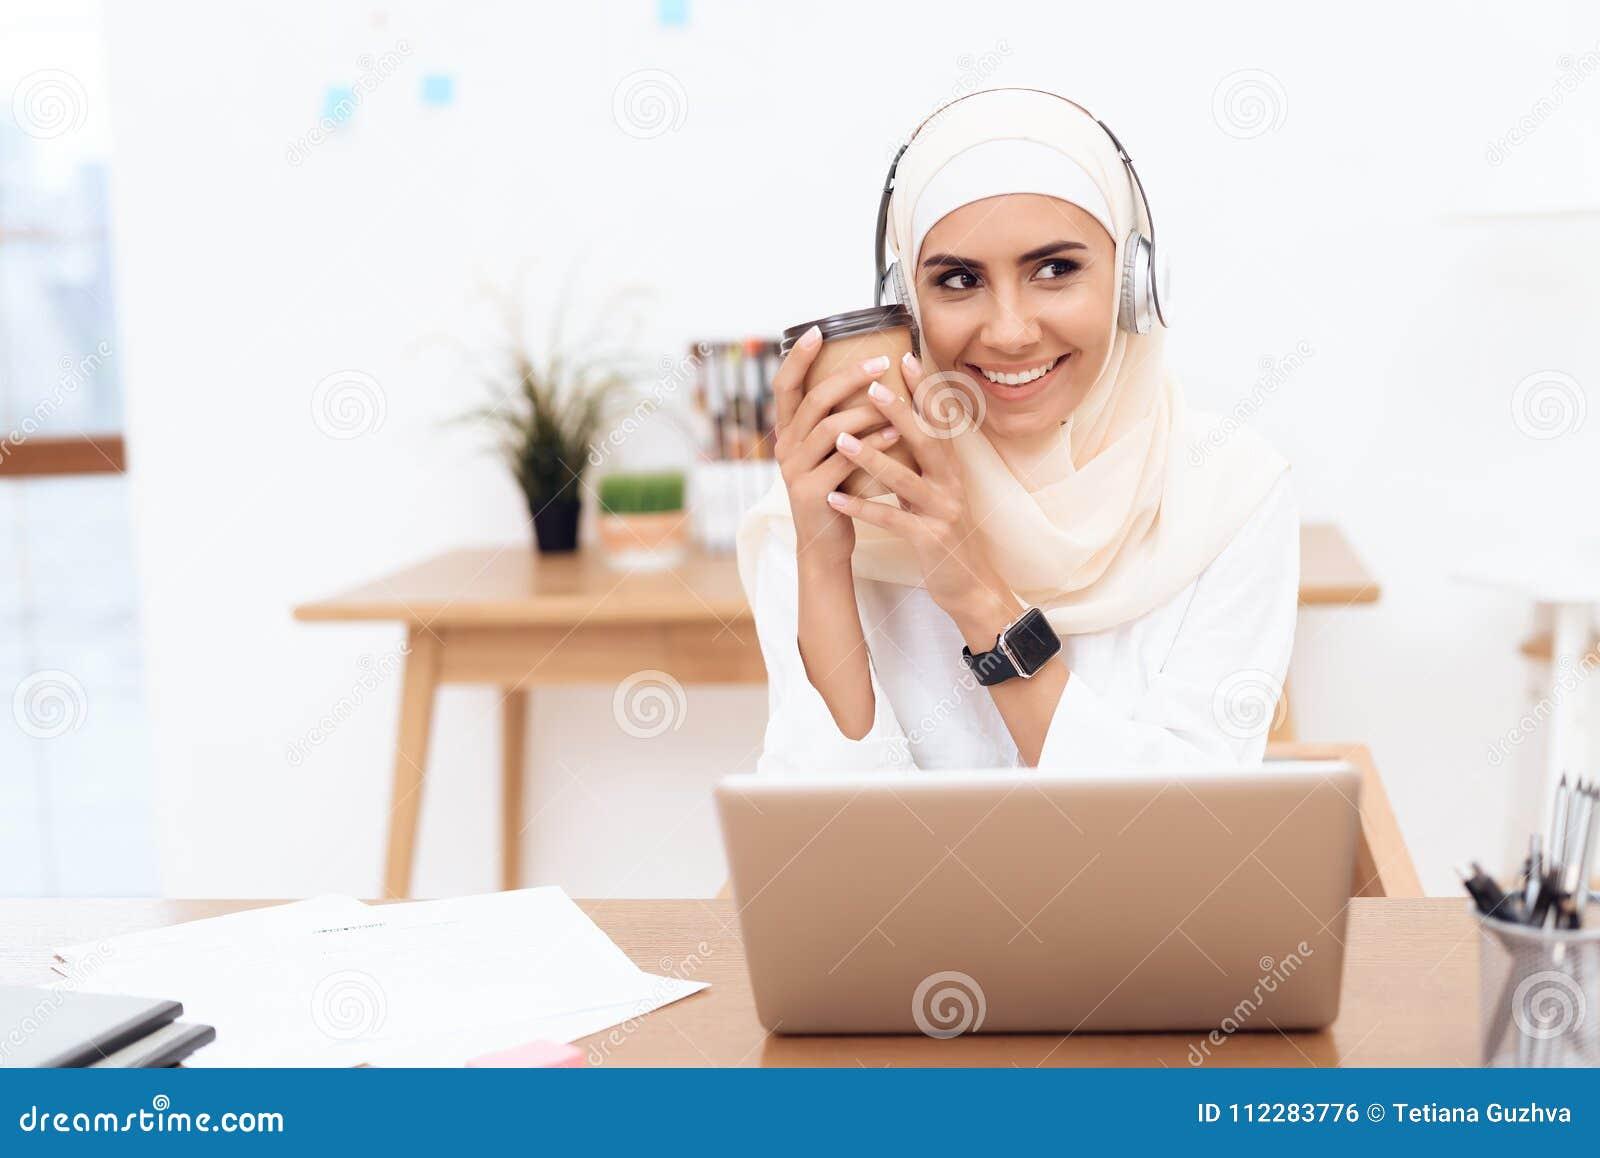 Una donna araba nel hijab ascolta musica sulle cuffie